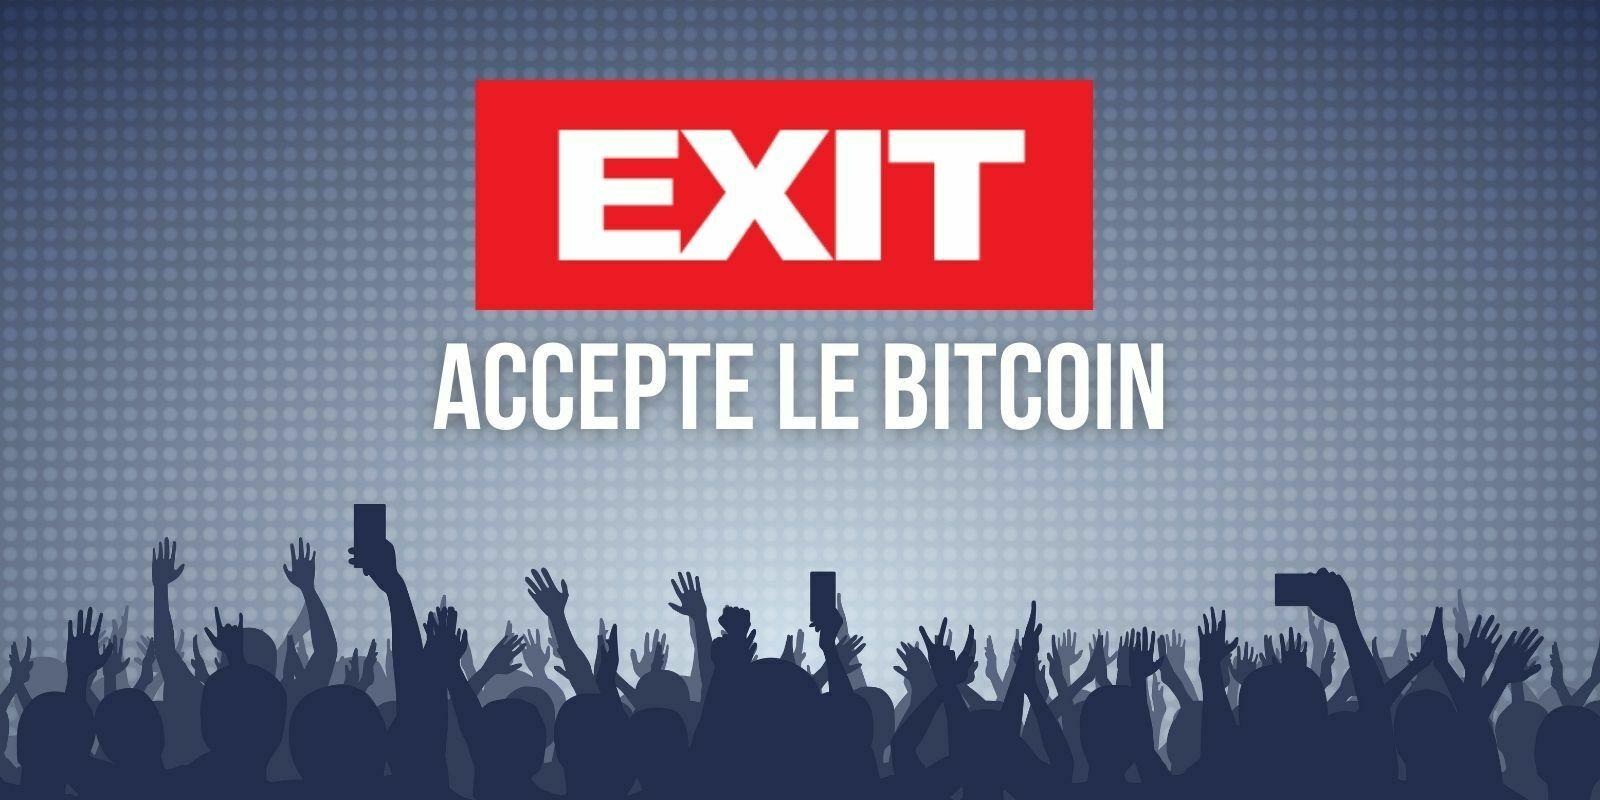 Exit, un des plus gros festivals européens, accepte les paiements en Bitcoin (BTC)